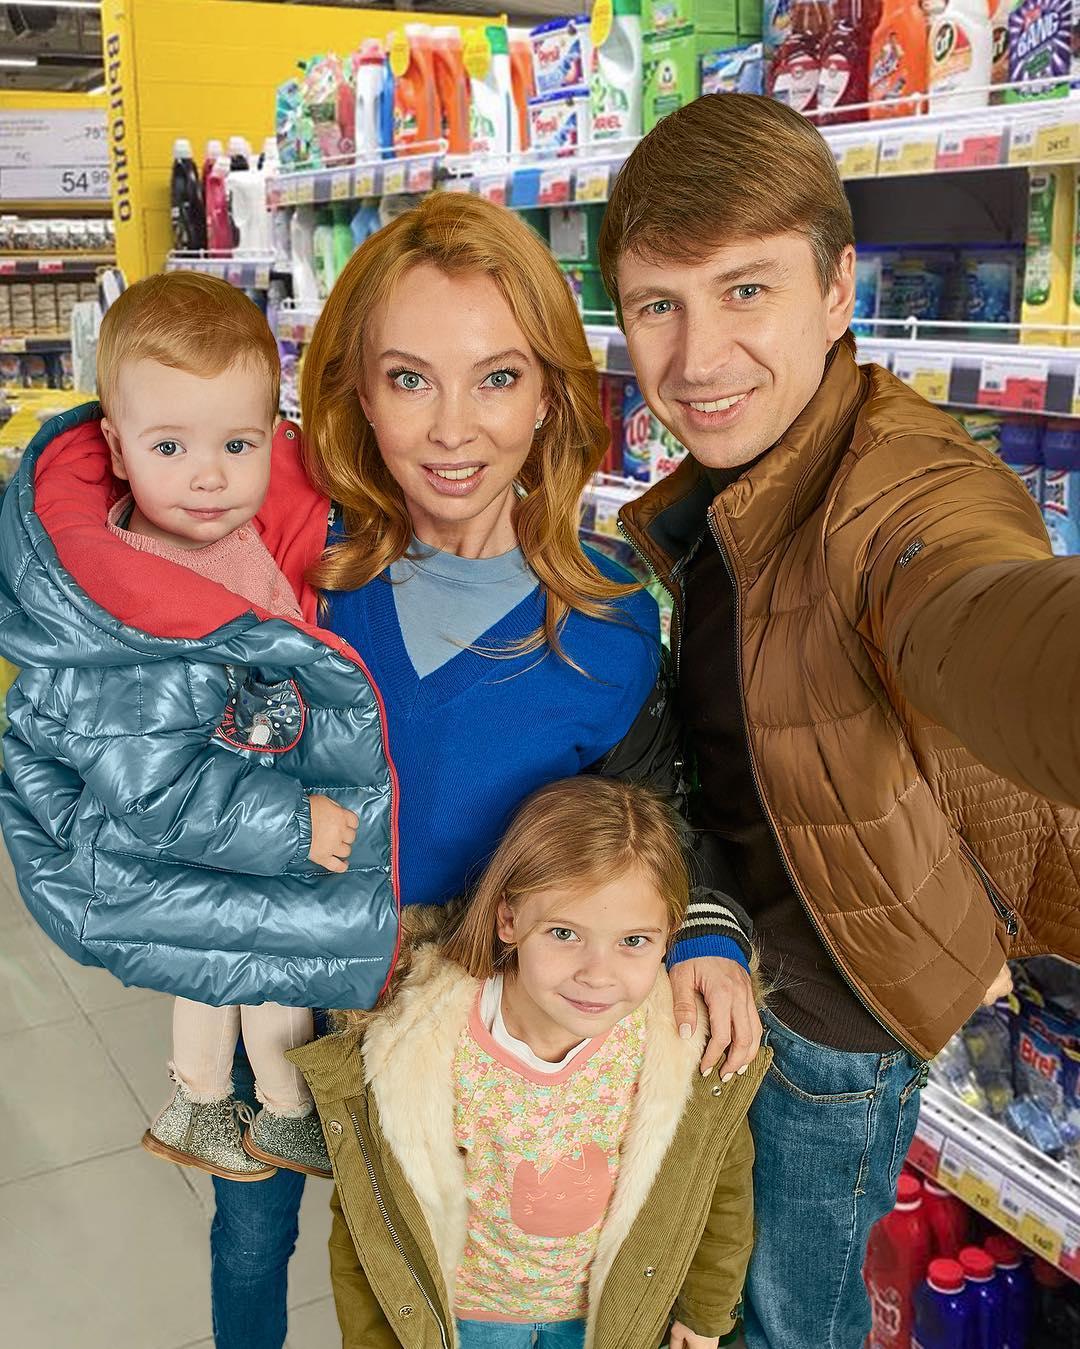 За измены прощения не прошу: Алексей Ягудин рассказал о неверности супруге